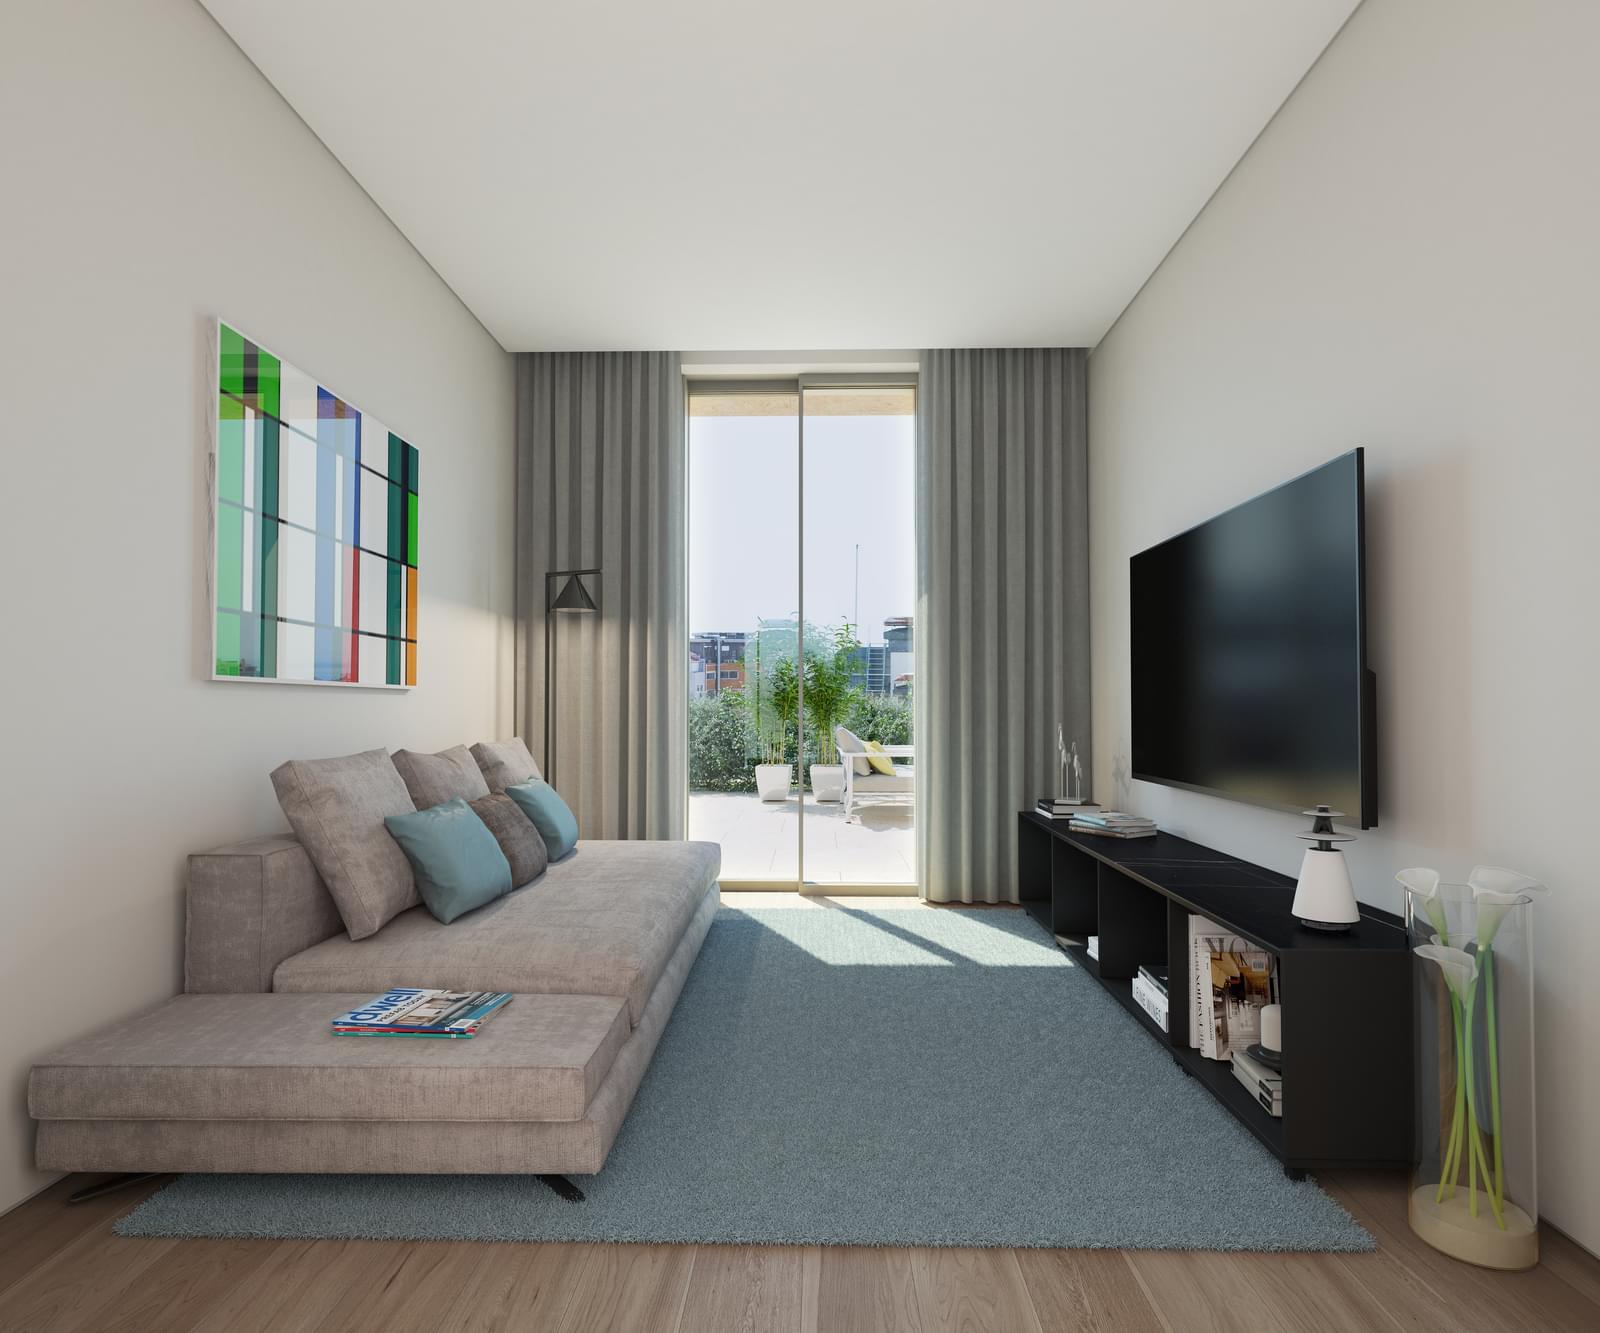 amoreiras-residence-dea6d5b3-e847-4ceb-a0fe-eb05586696b0